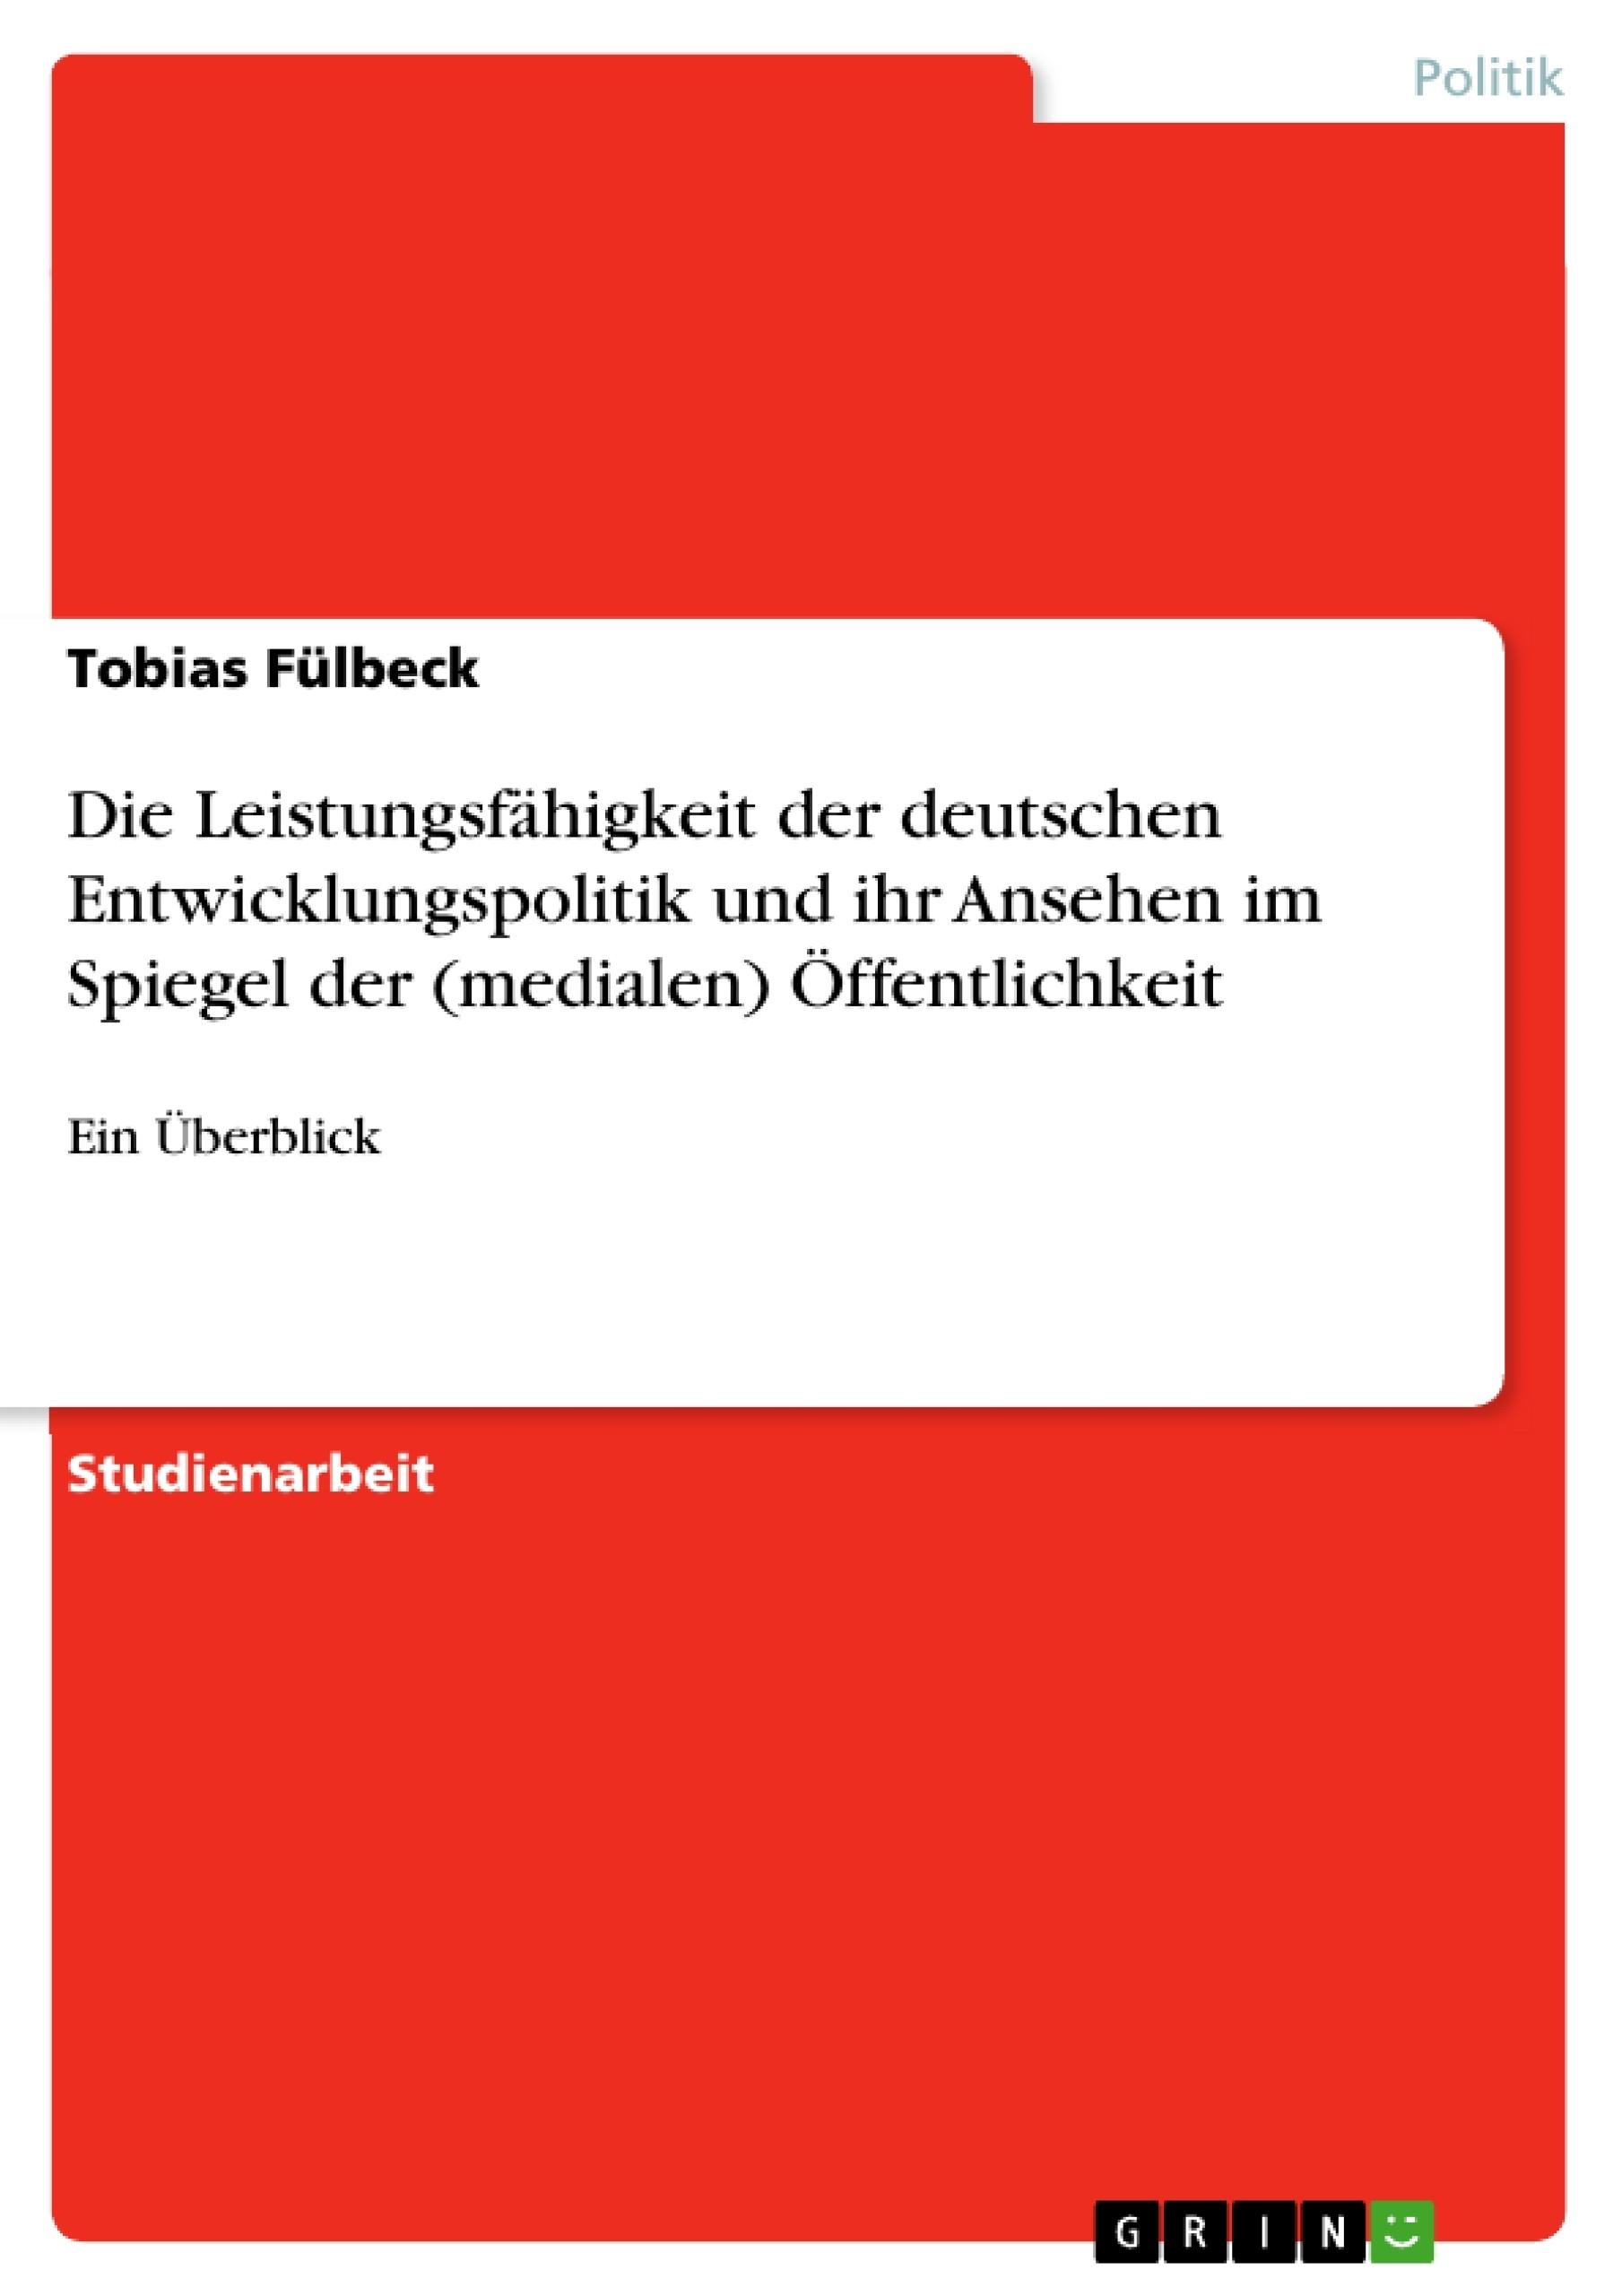 Titel: Die Leistungsfähigkeit der deutschen Entwicklungspolitik und ihr Ansehen im Spiegel der (medialen) Öffentlichkeit